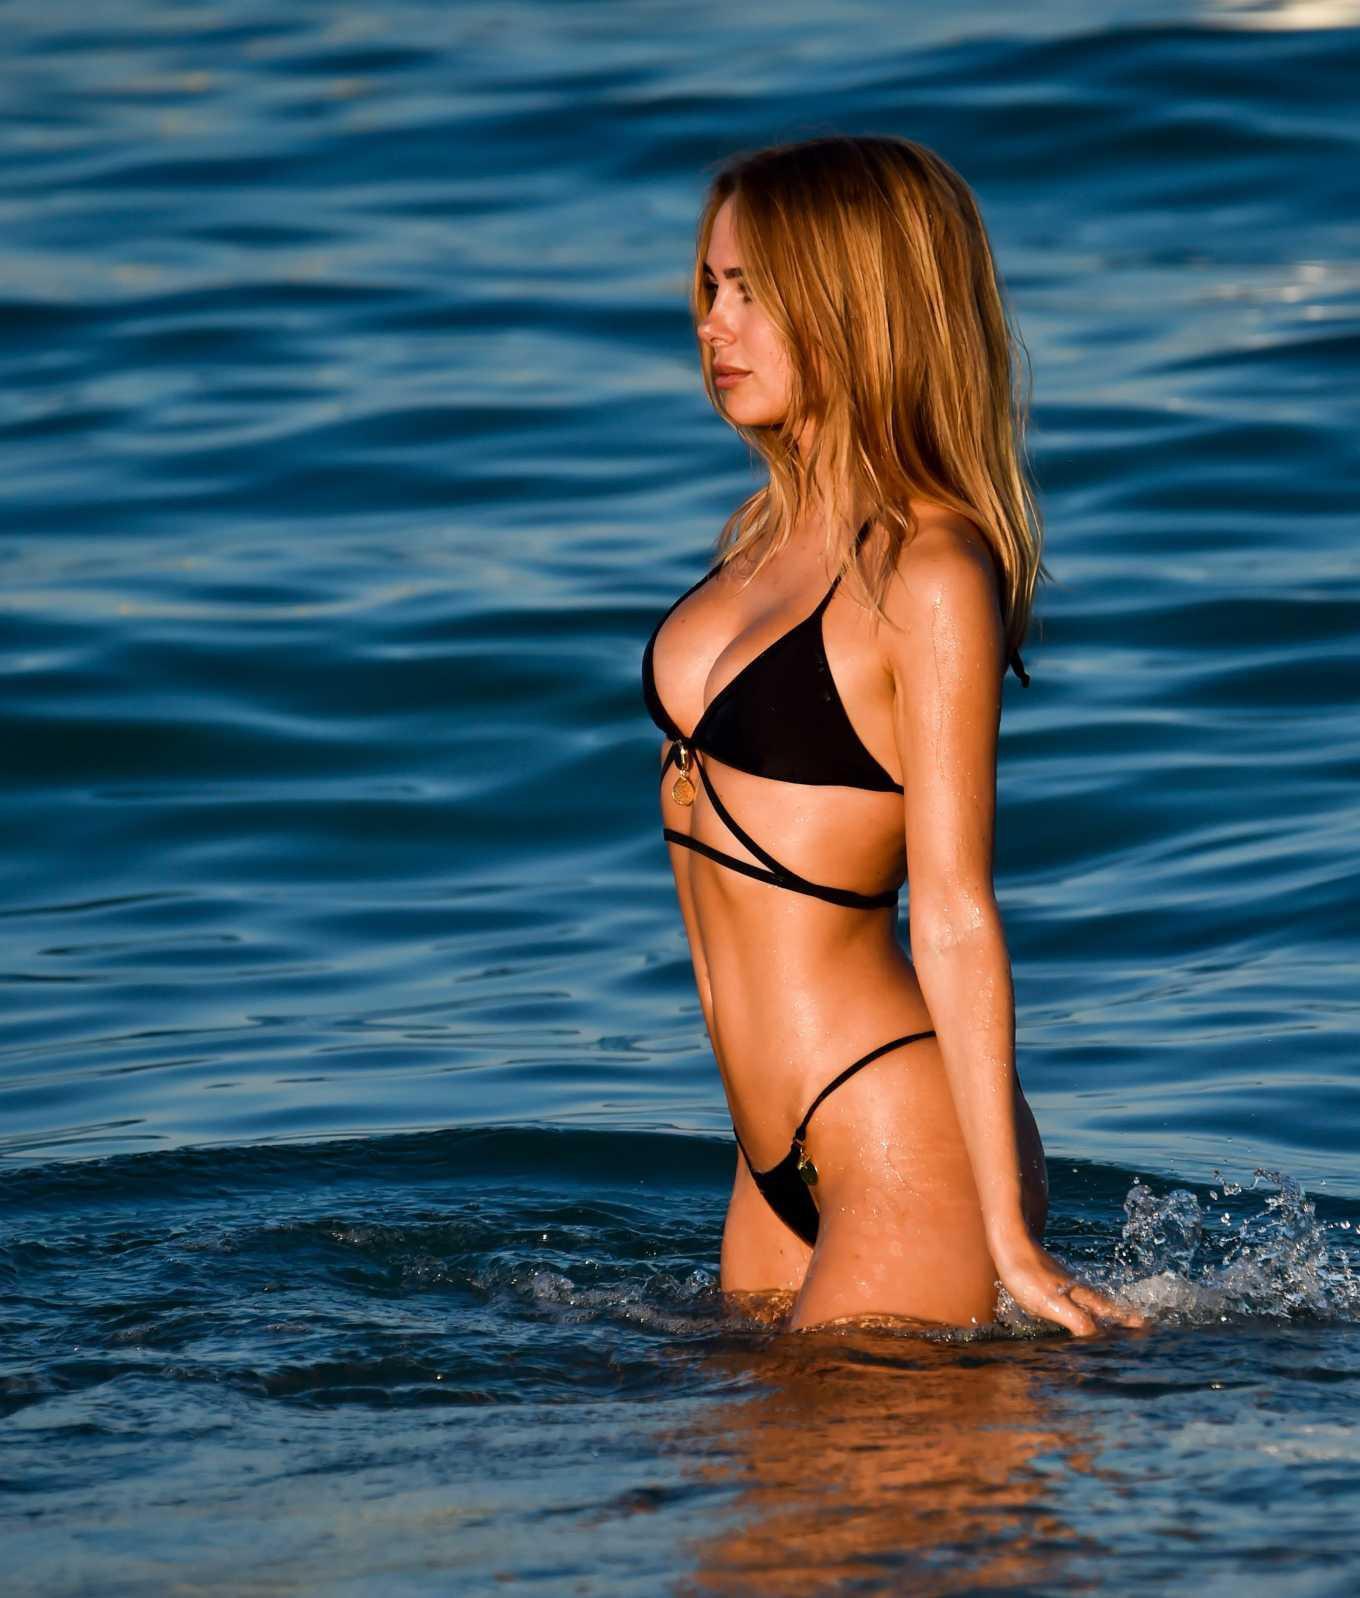 Mỹ nhân áo tắm Kimberley Garner đẹp như mộng trên biển Ảnh 8